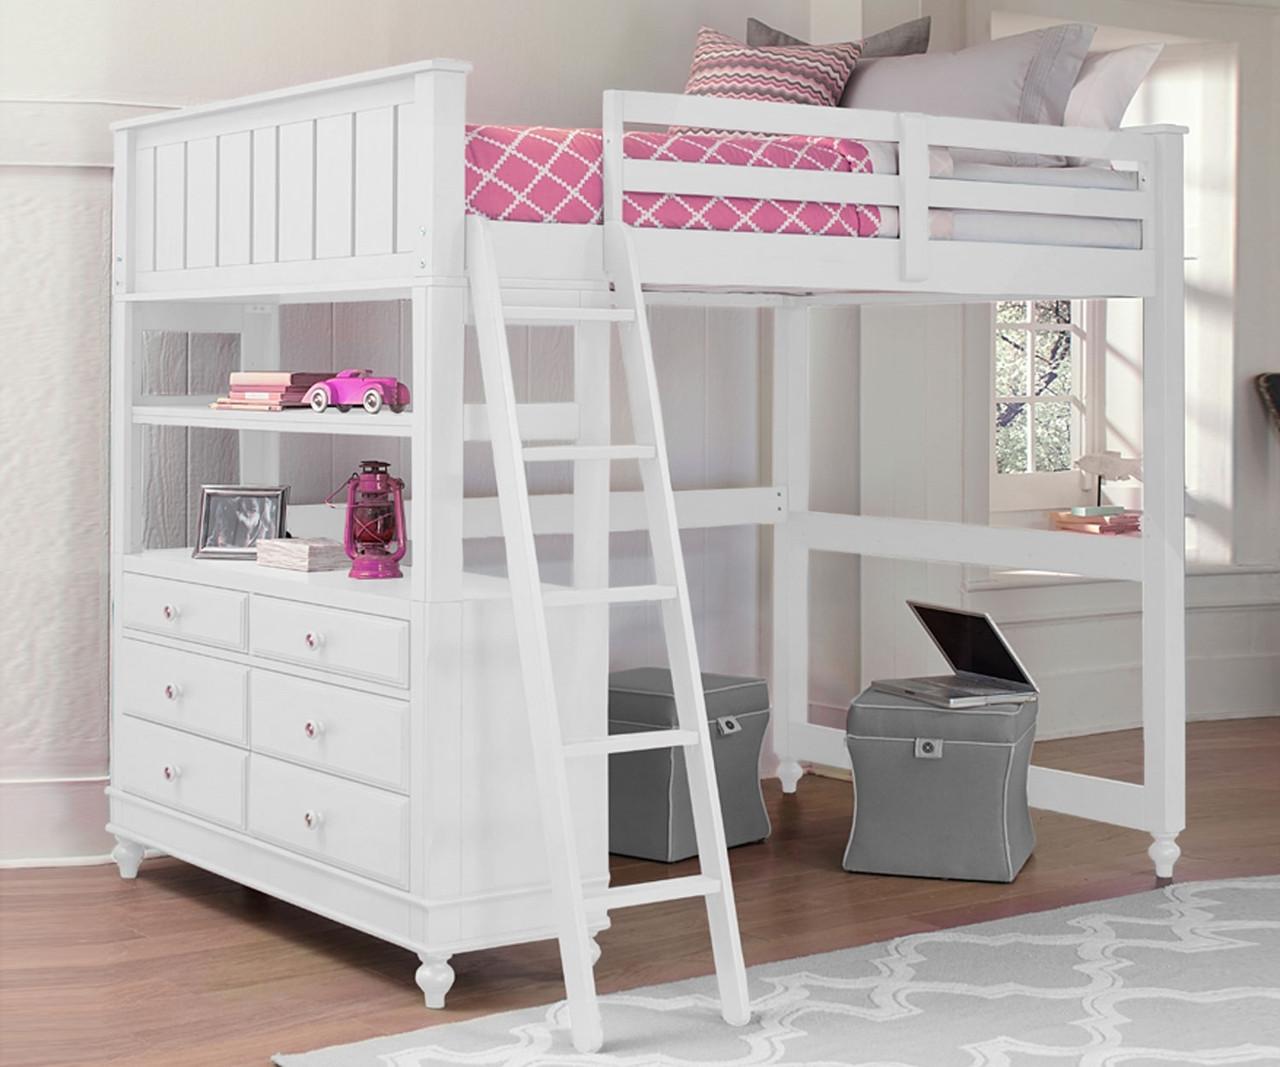 online retailer b24c6 bdd35 Lakehouse Loft Bed Full White